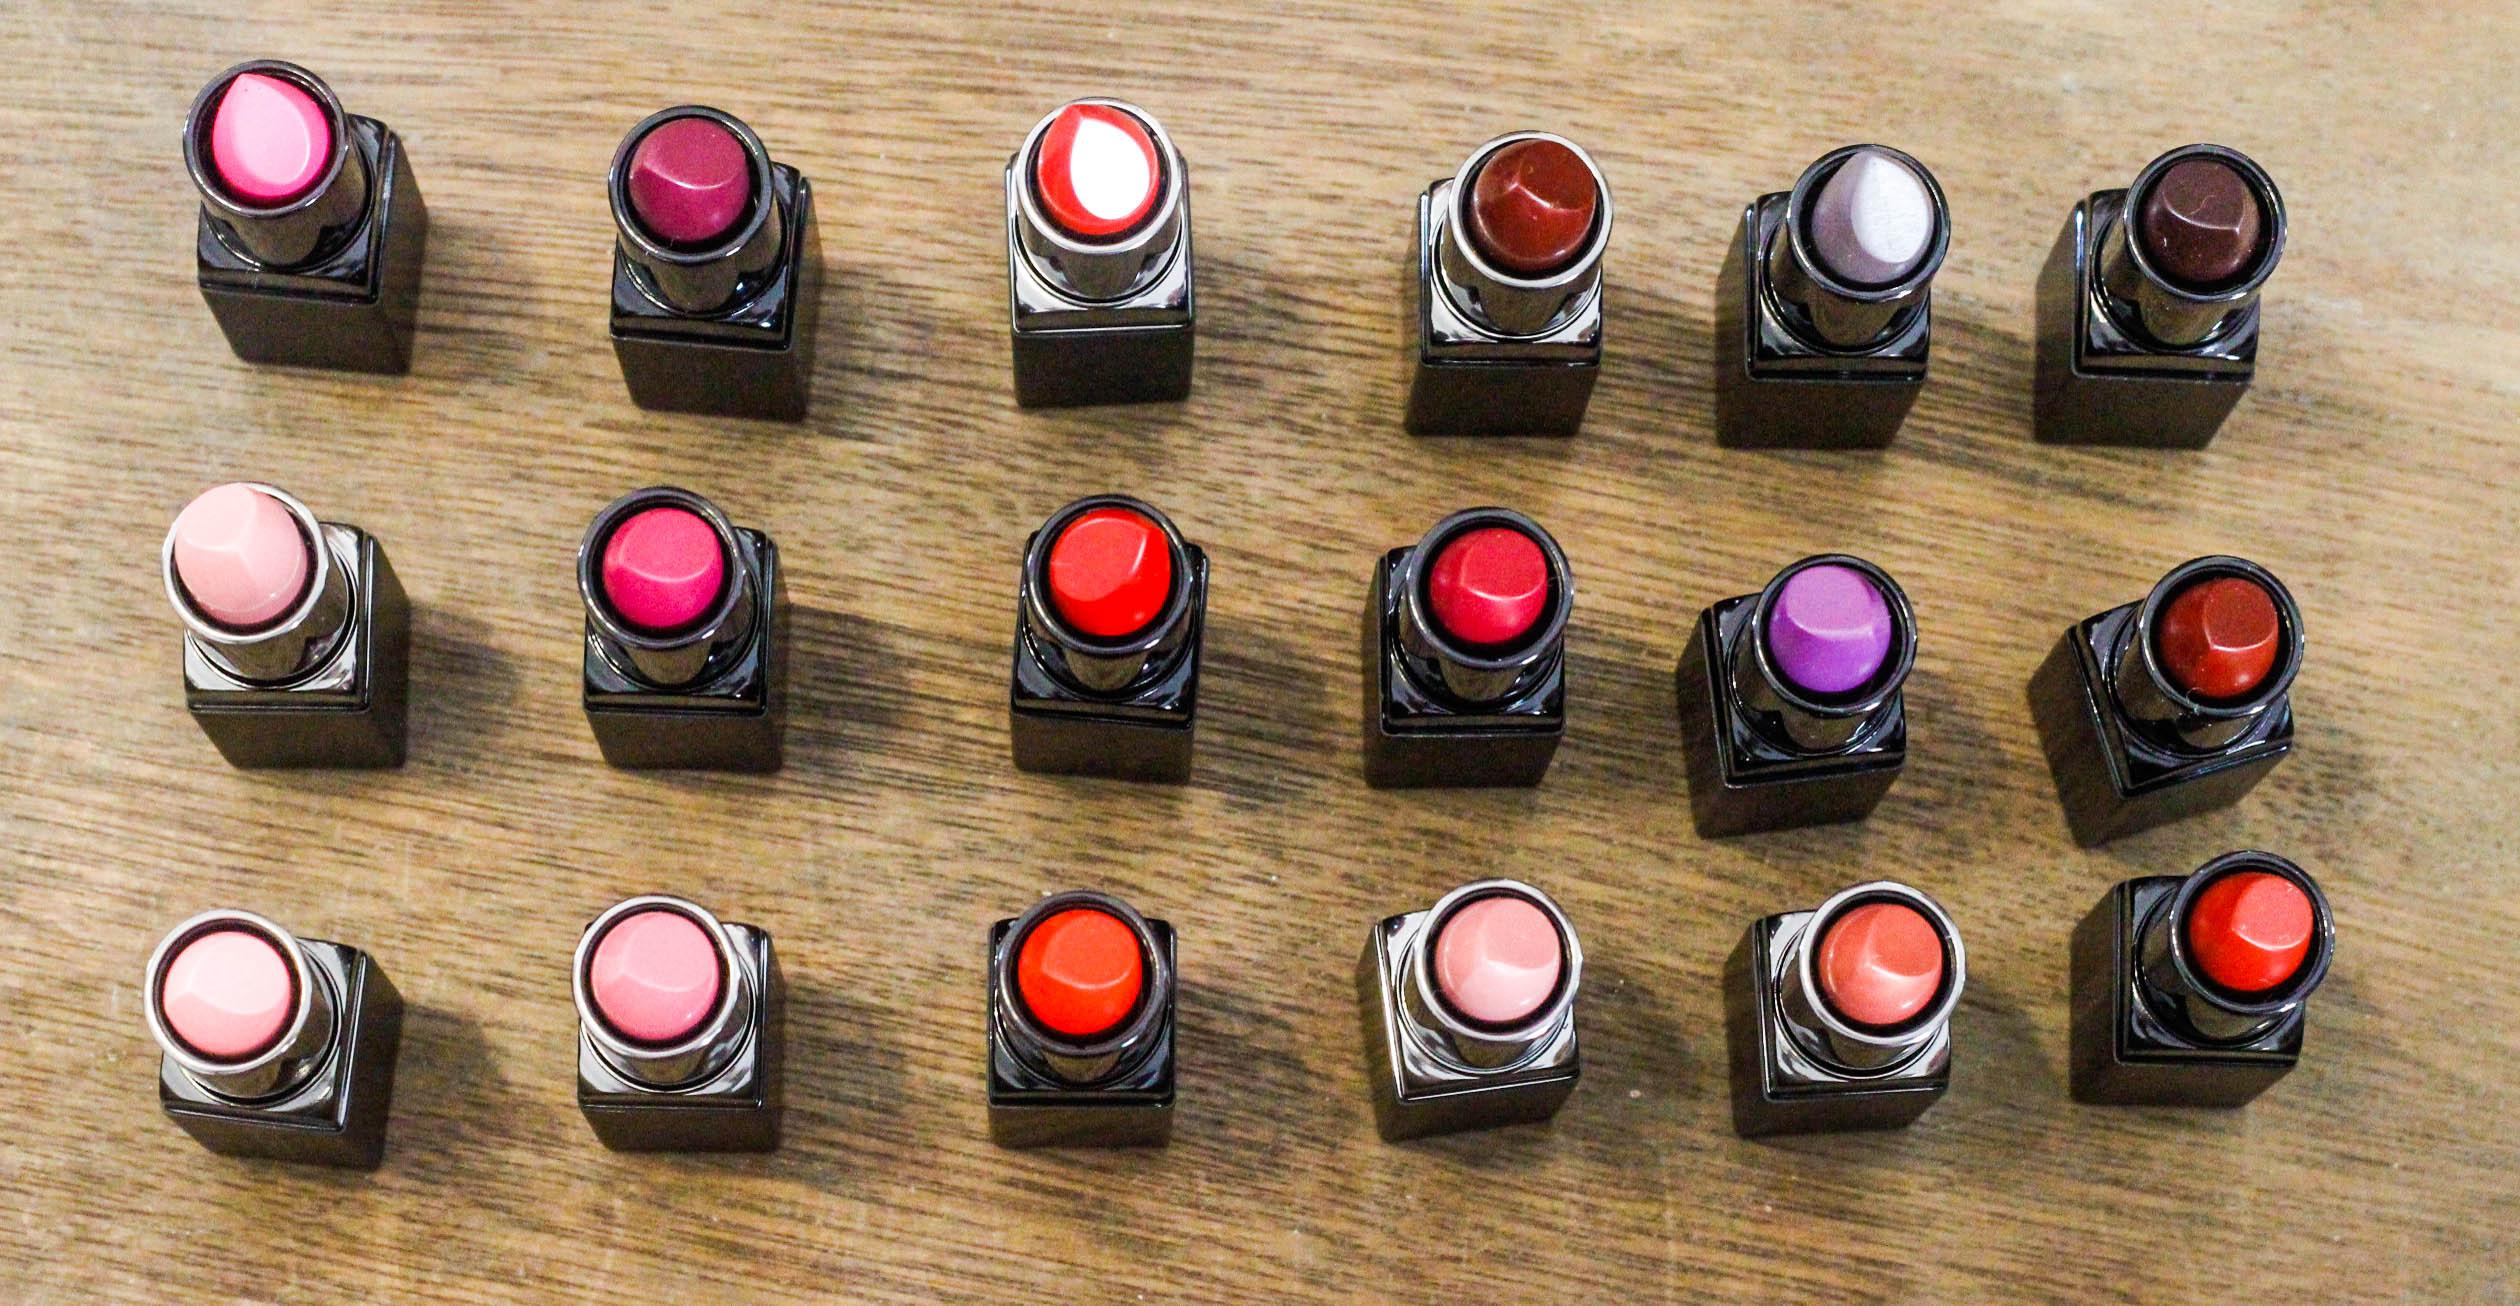 Smashbox Lippenstifte Auswahl, Alle Farben bei Douglas